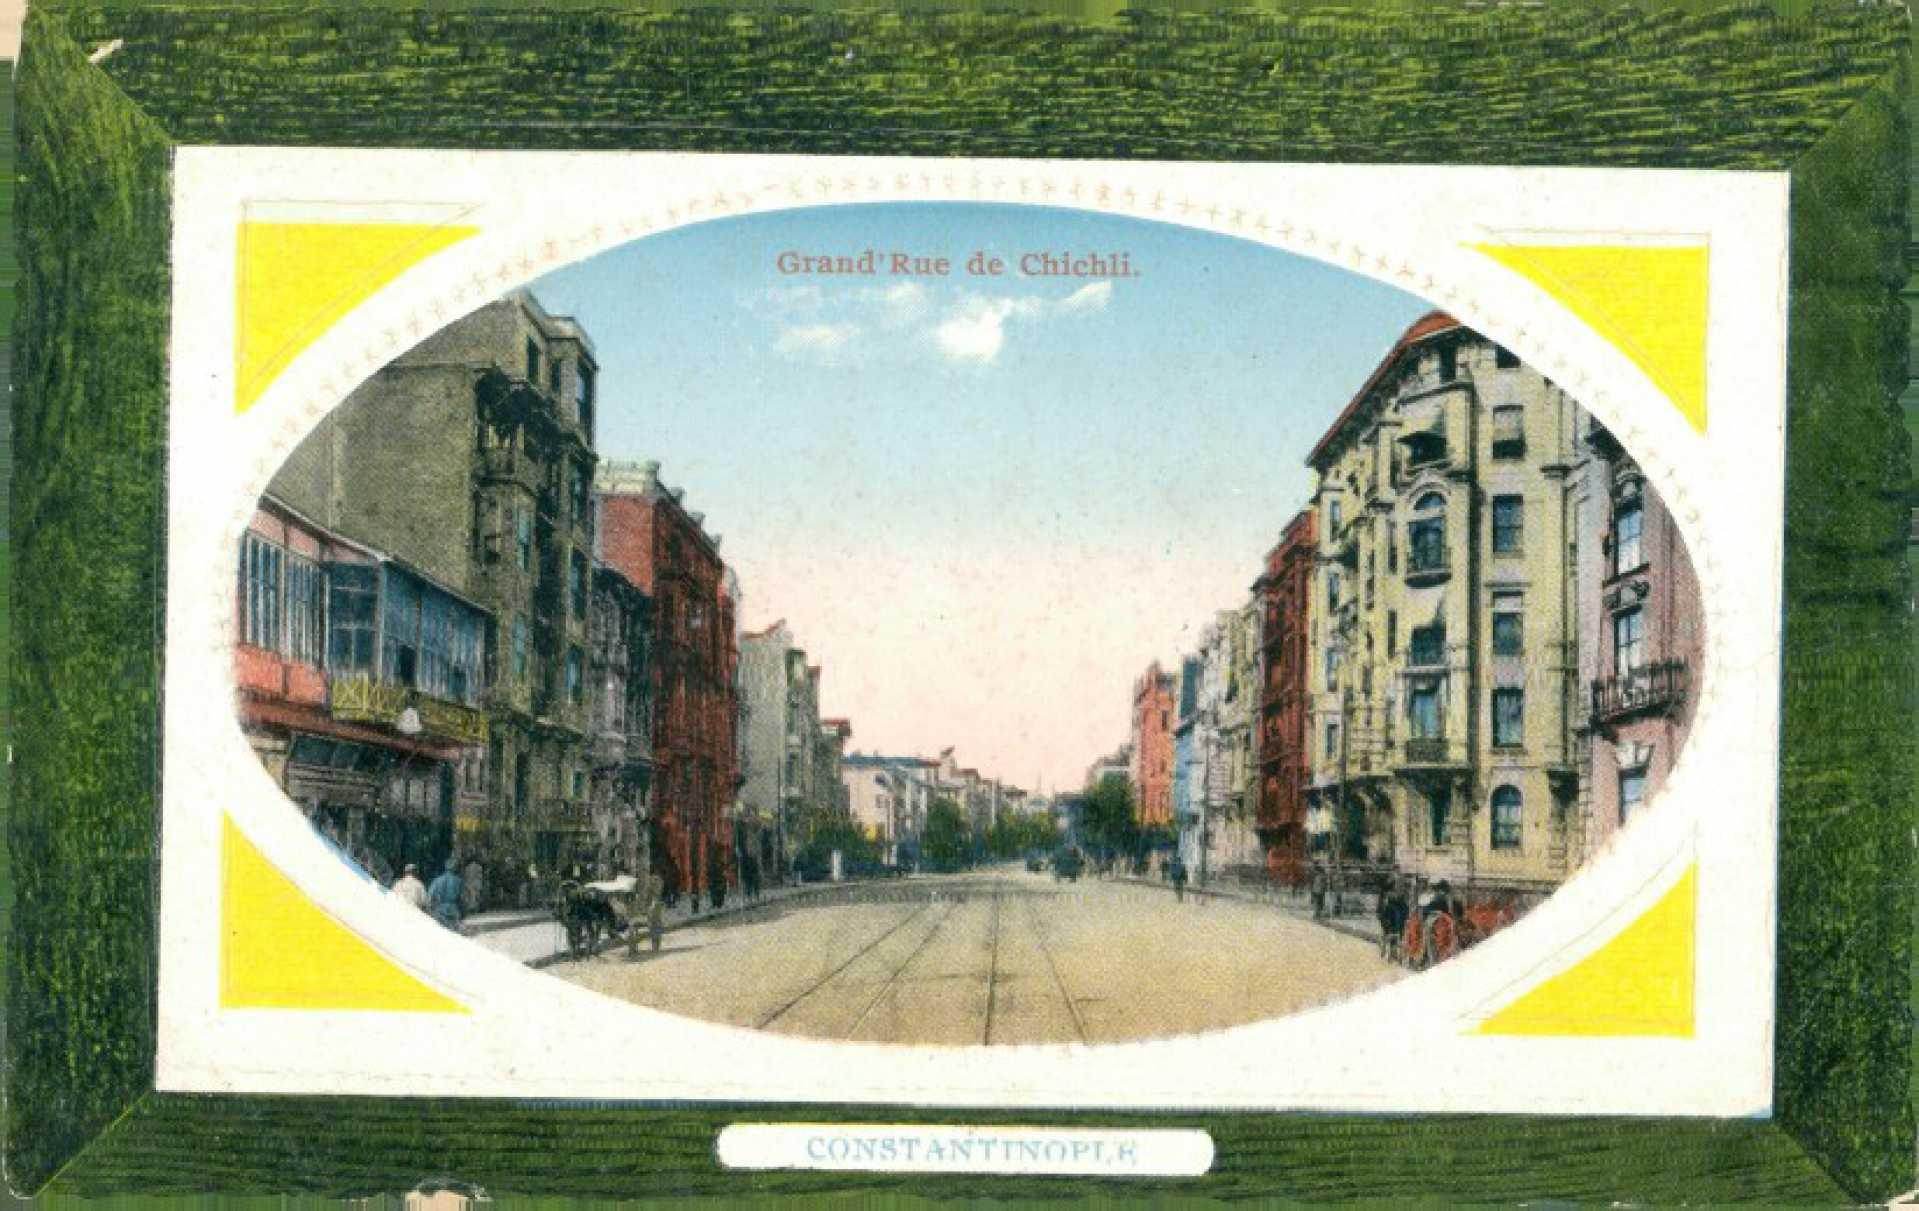 Grand rue de Chichli. Constantinople